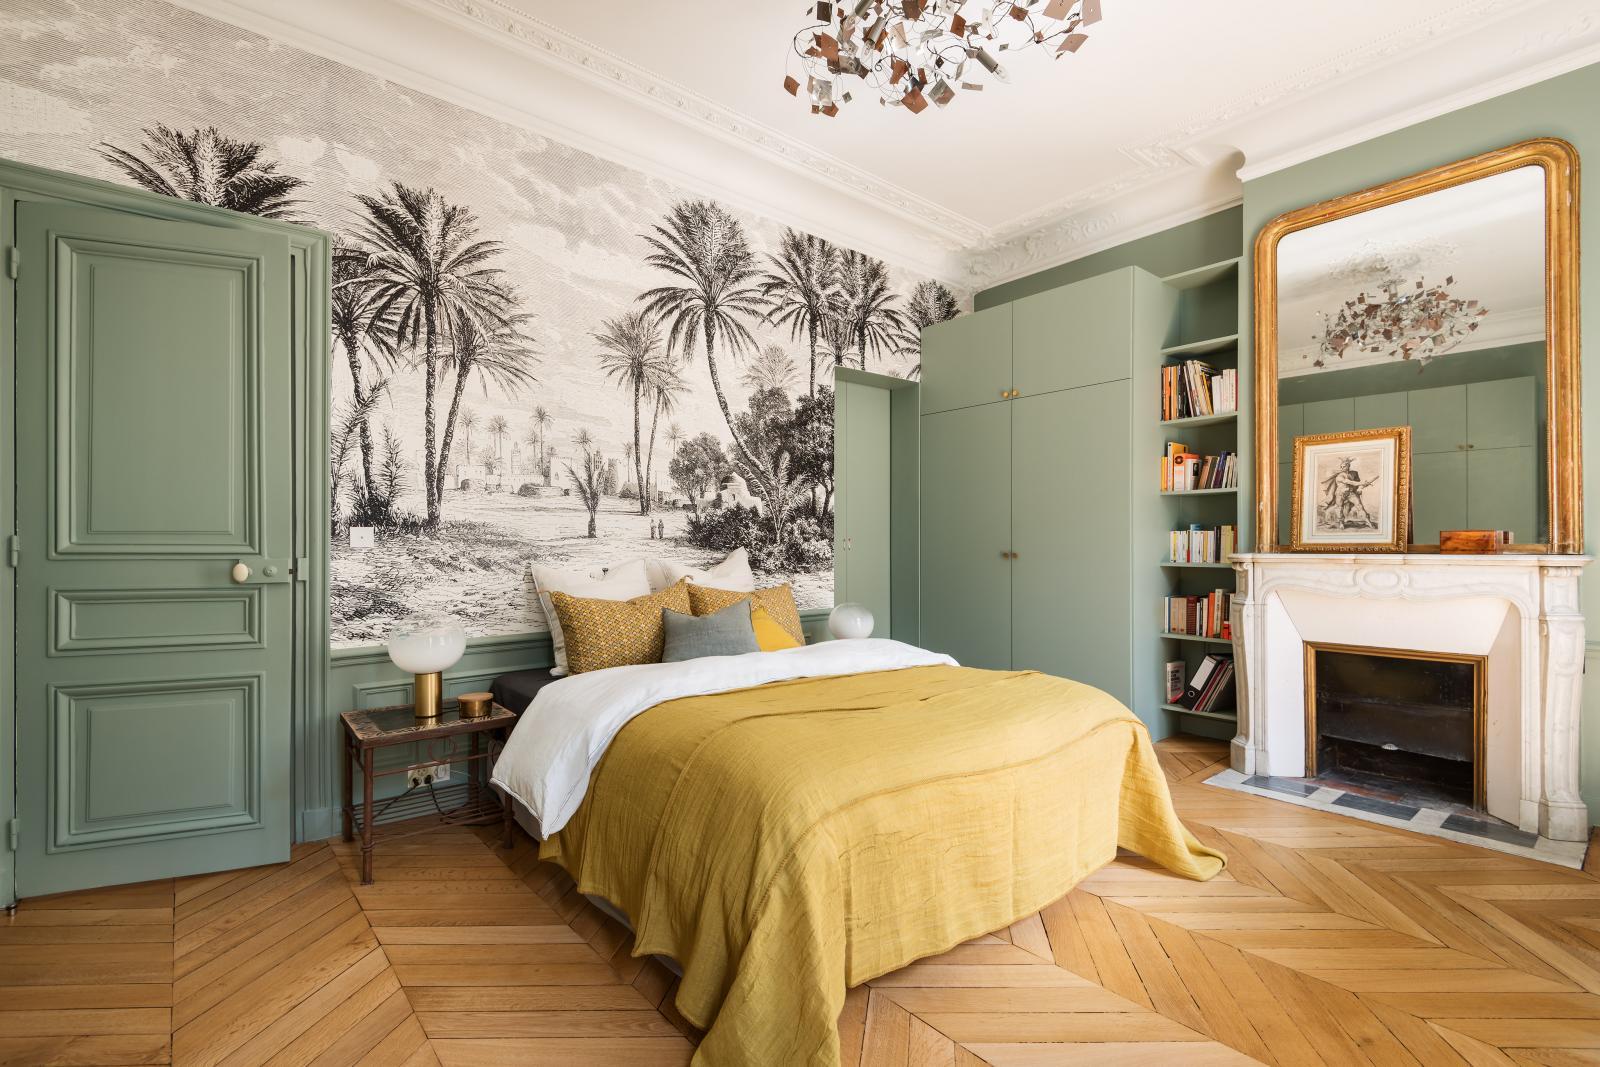 8 Idees A Piquer Dans Ce Superbe Appartement Haussmannien Madame Decore